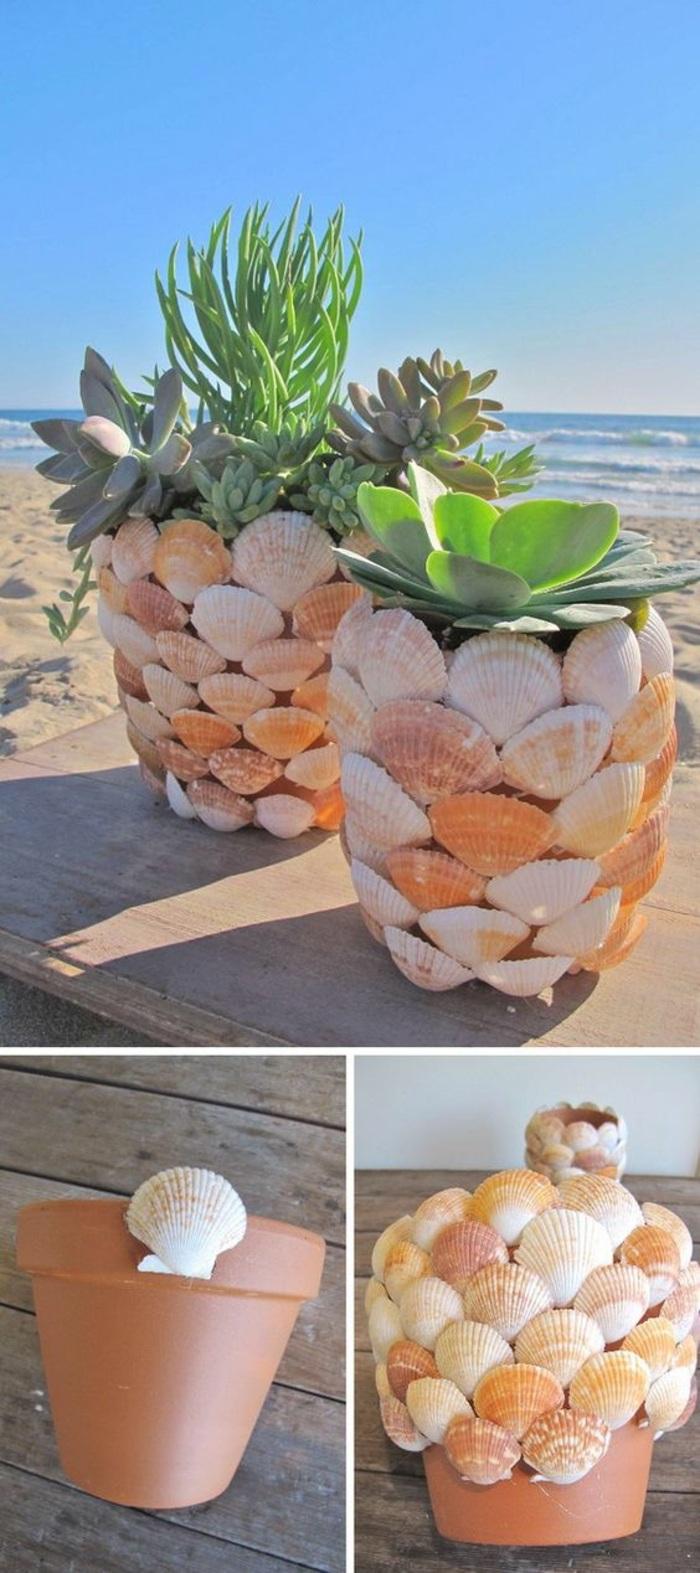 macetas decoradas de conchas, talleres para niños para las vacaciones de verano, ideas de decoración casera paso a paso